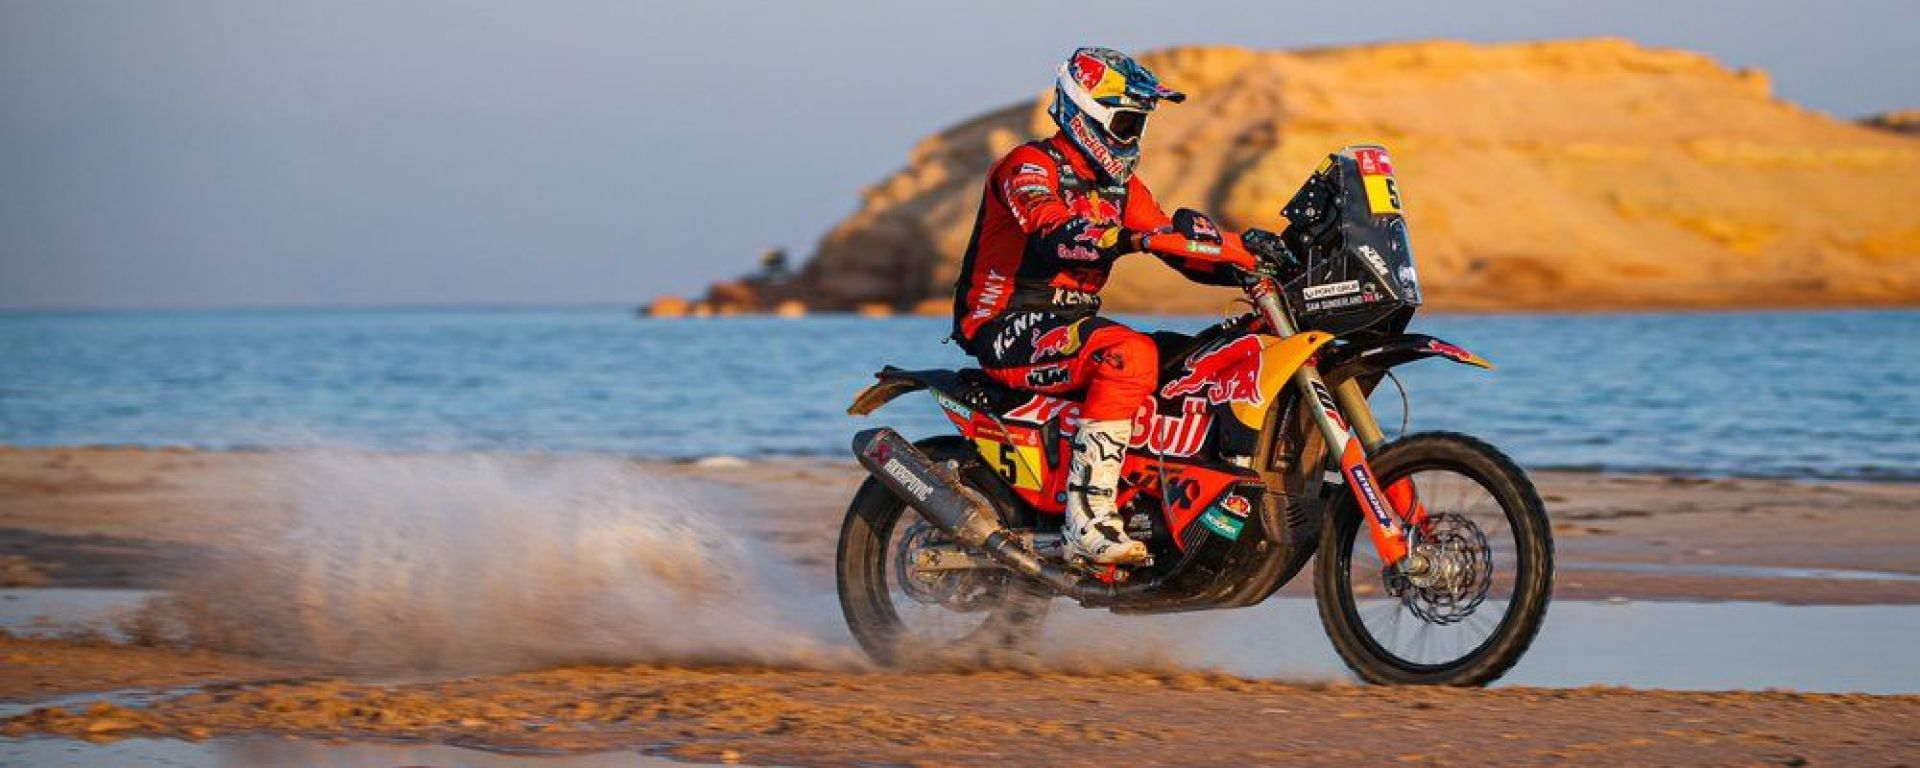 Dakar 2021, Sam Sunderland (KTM)